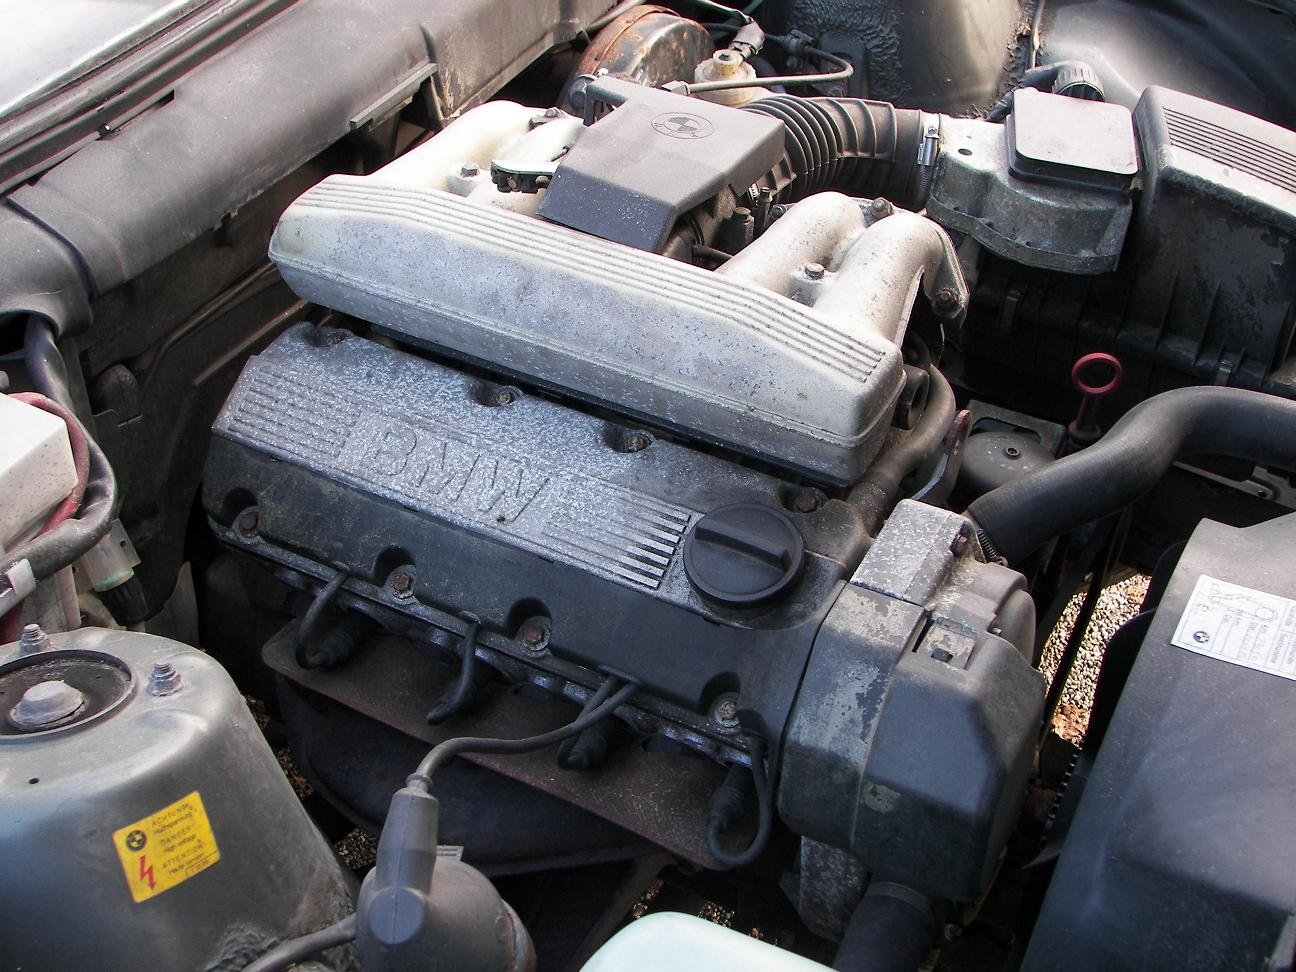 1991 Bmw 318i Engine Diagram Radio Wire Schematic For 1996 Nissan Pickup Deviille Yenpancane Jeanjaures37 Fr